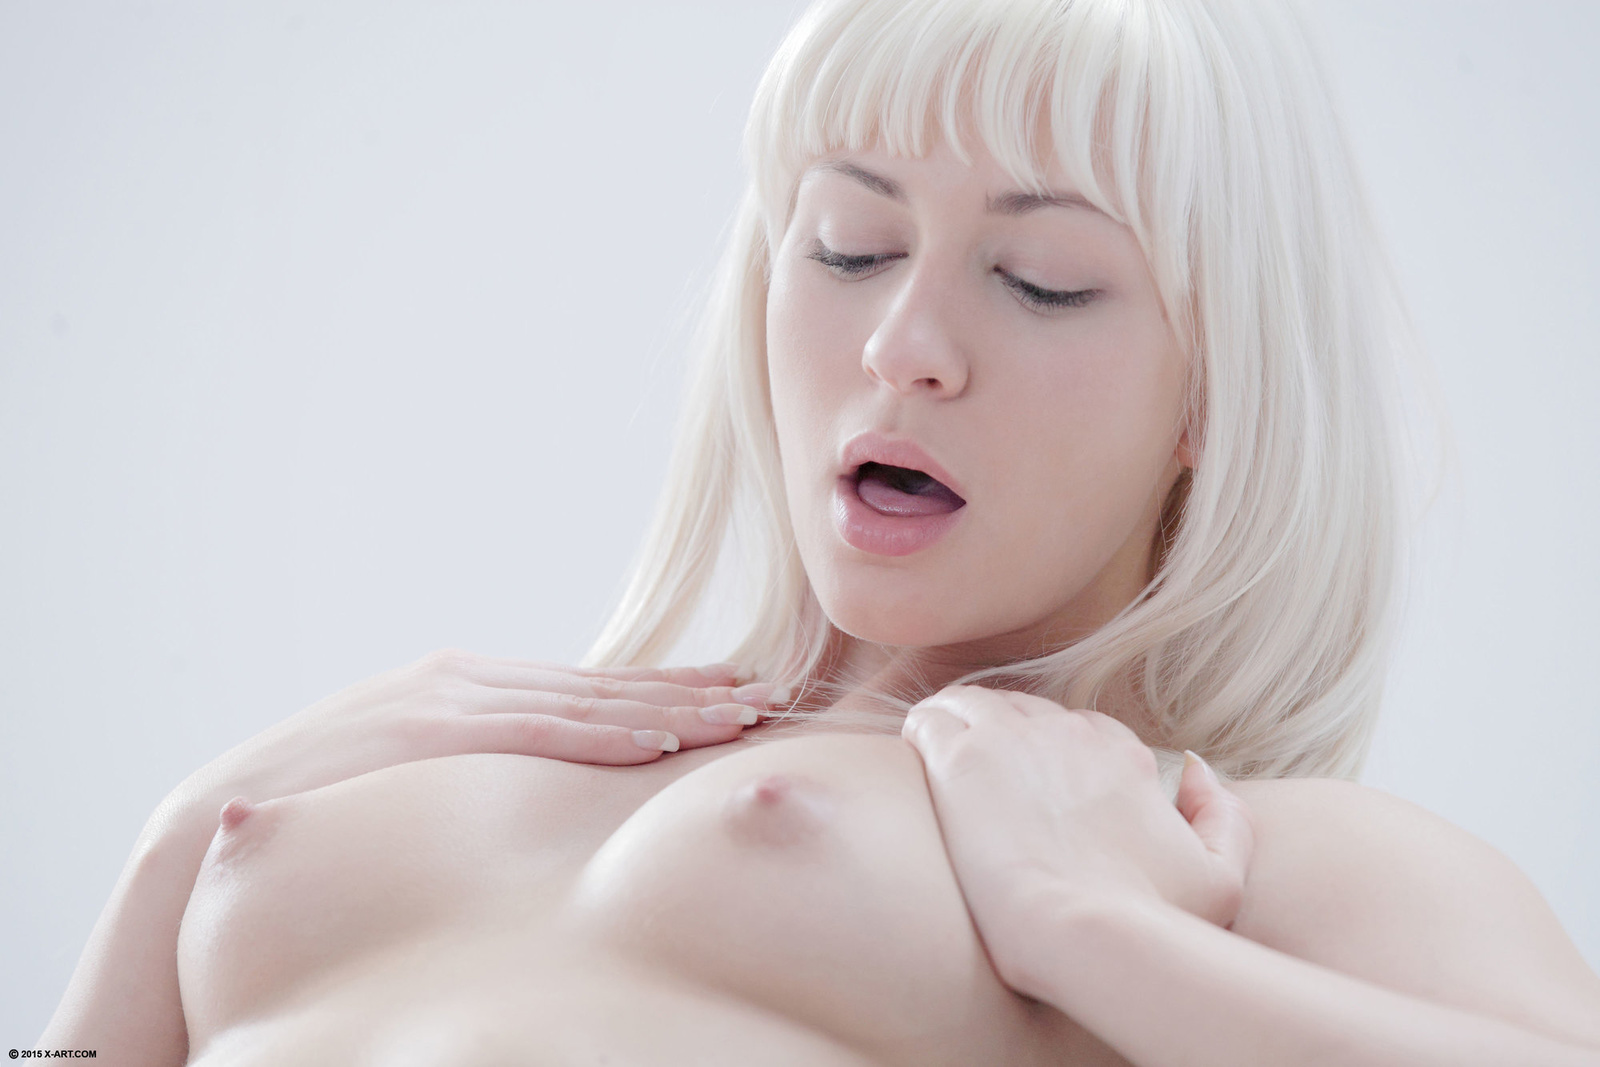 Zdjęcie porno - 1010 - Dwie delikatne kobiety